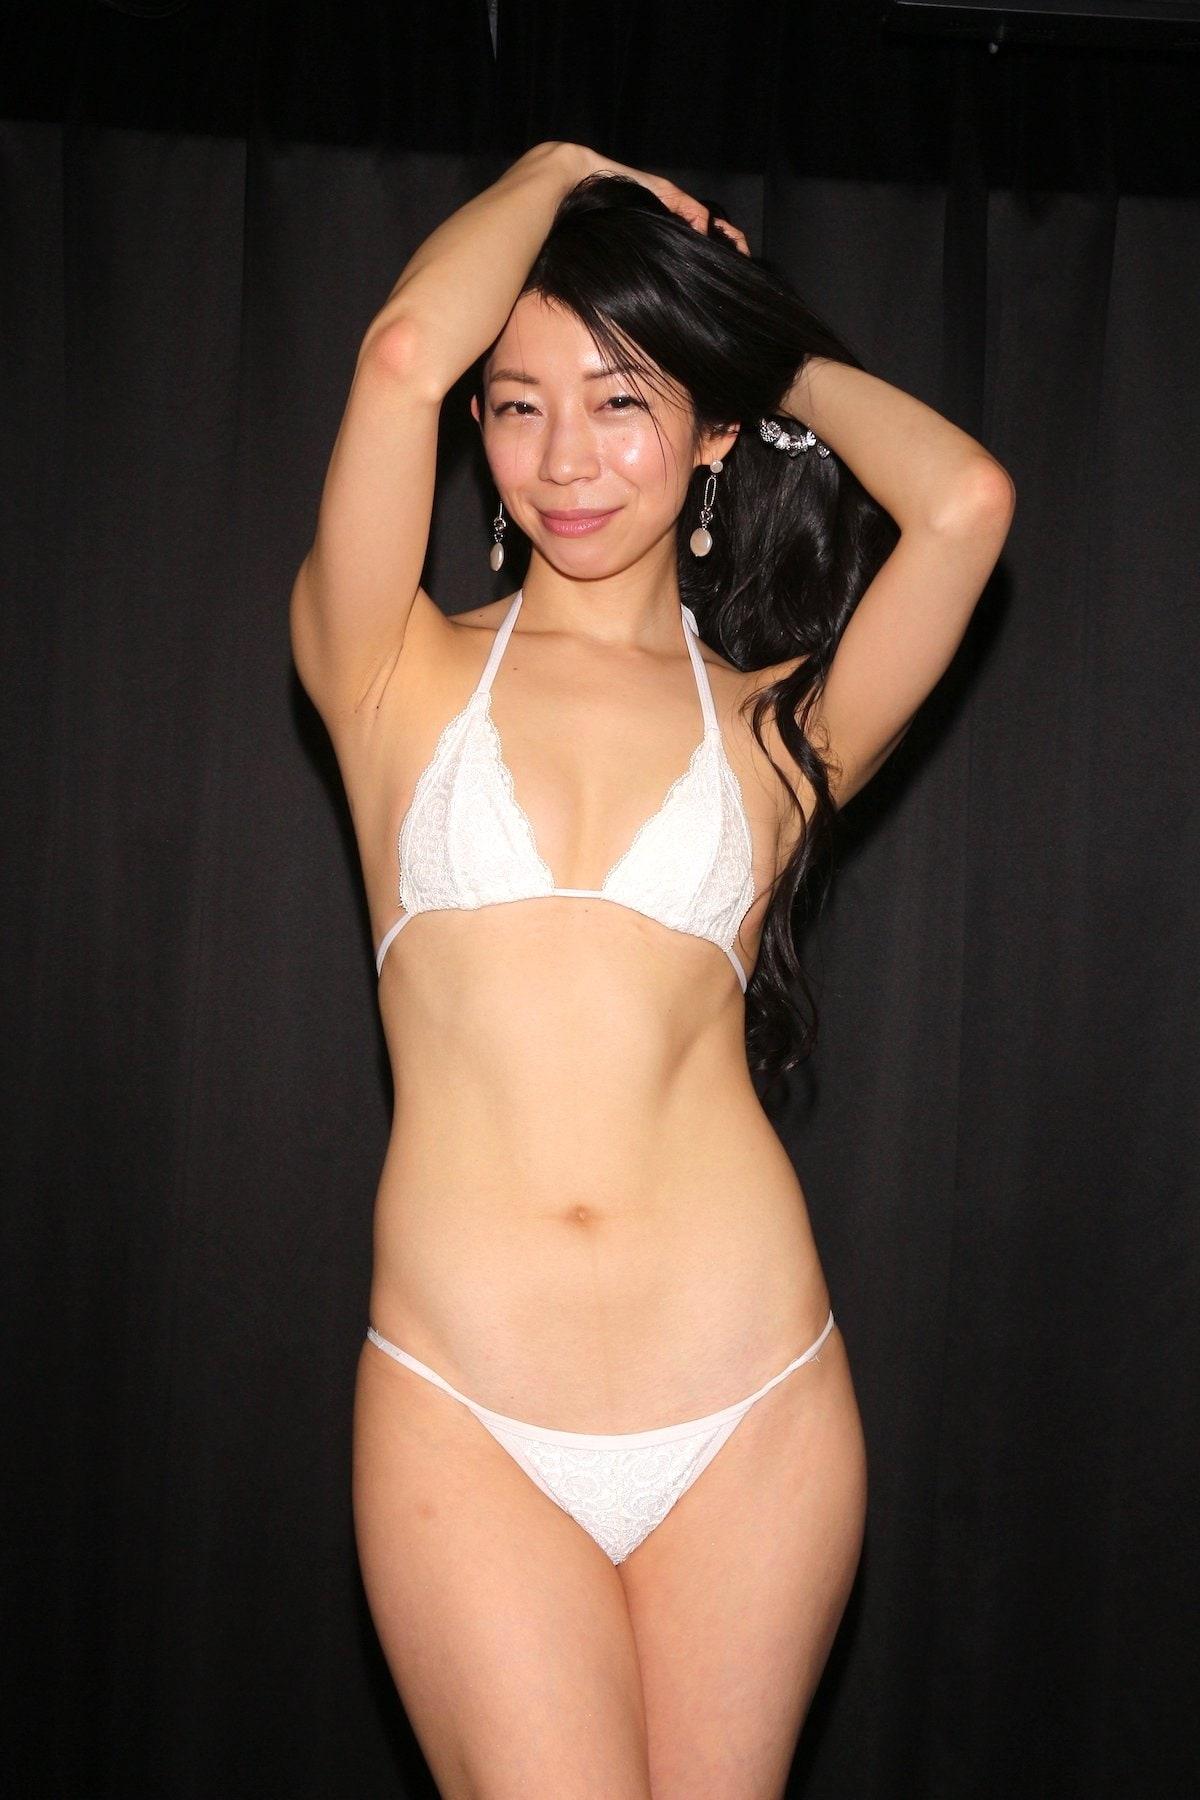 岩崎真奈「ベンチの縁にこすったり」私史上最高にセクシー【画像50枚】の画像001